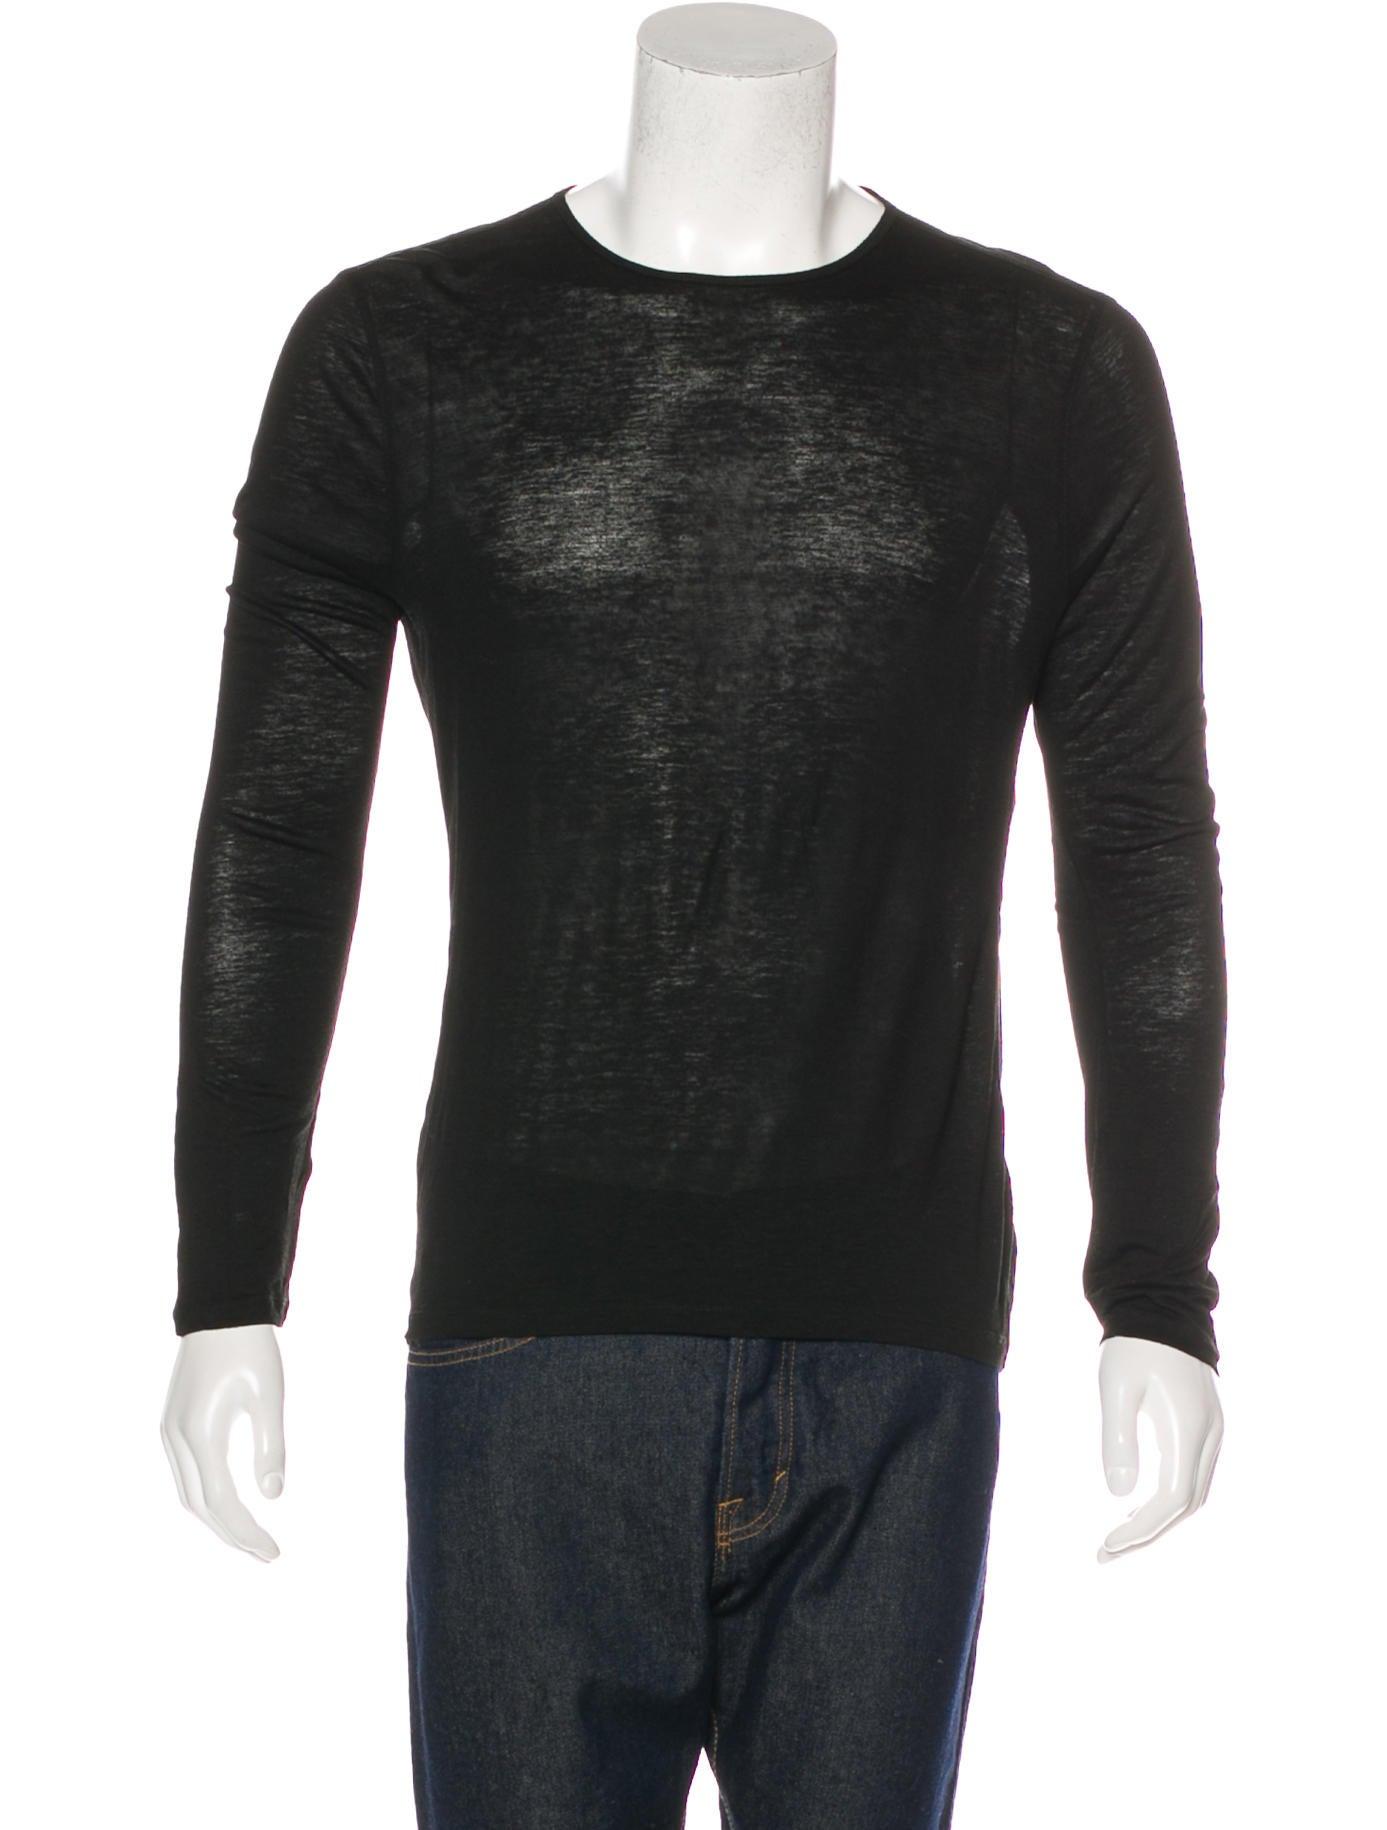 John varvatos linen blend long sleeve t shirt clothing for Linen long sleeve shirt